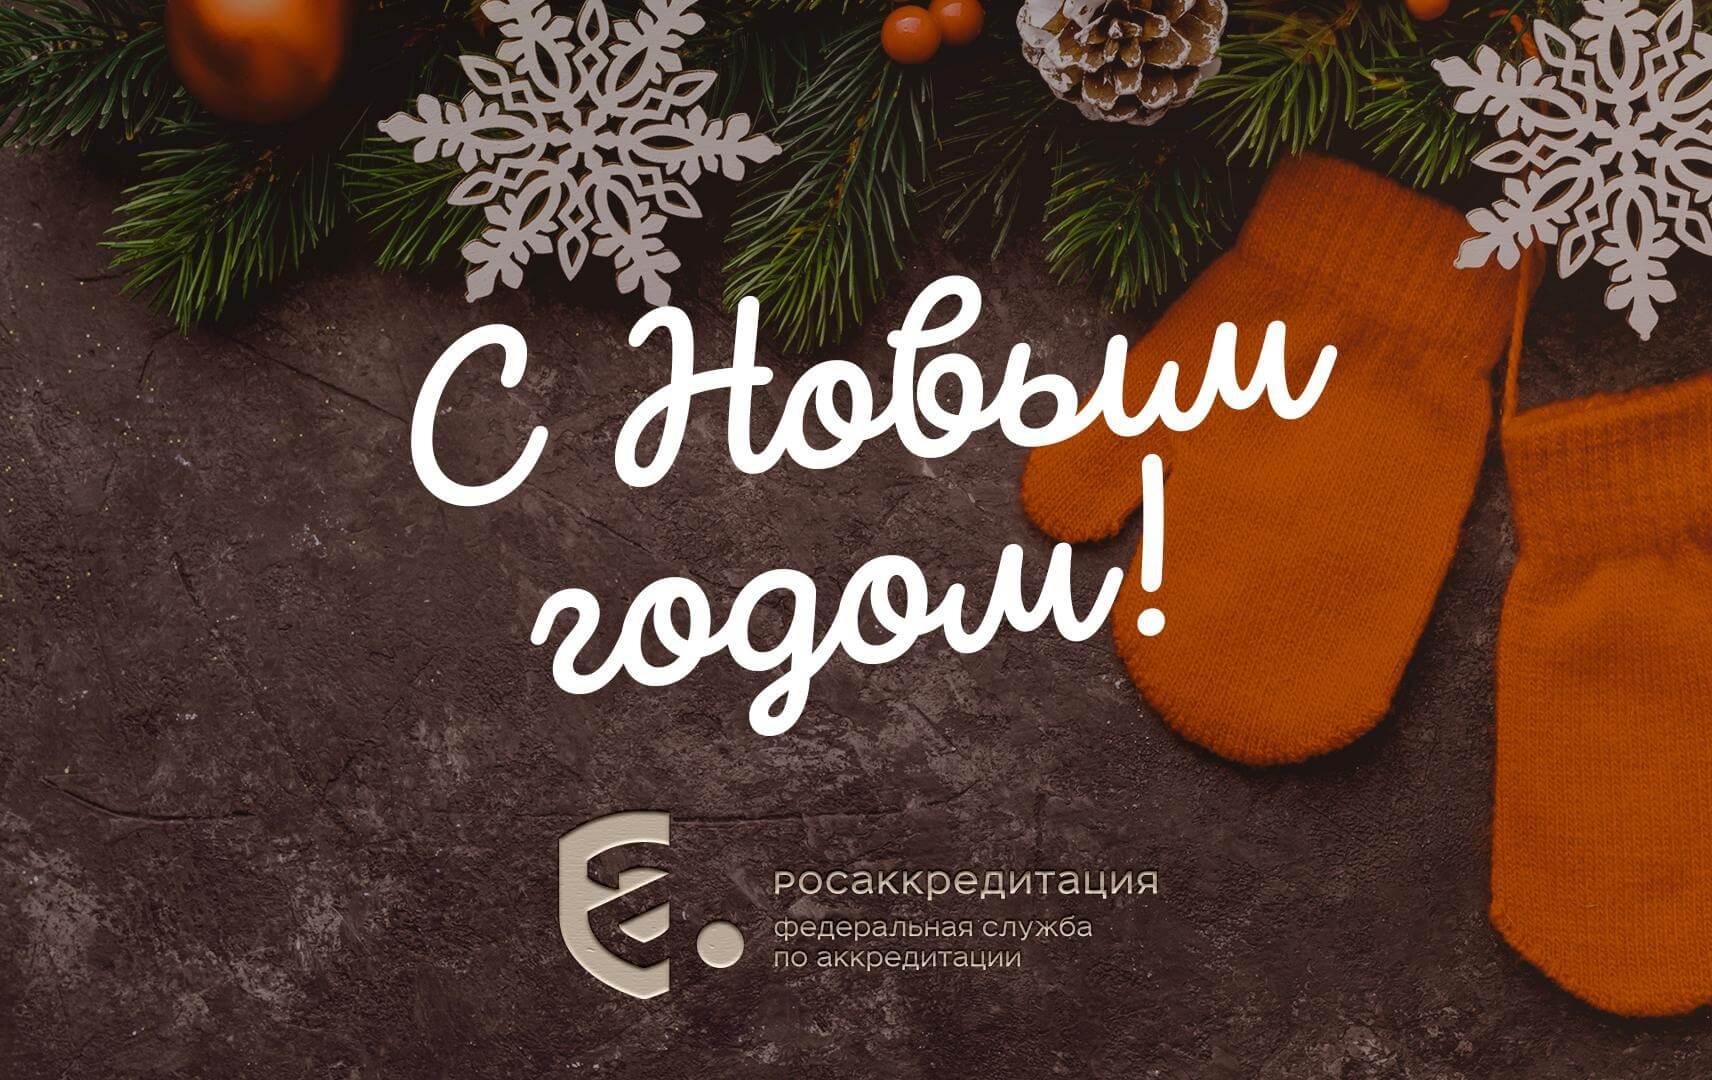 Поздравляем всех участников системы аккредитации с Новым годом!